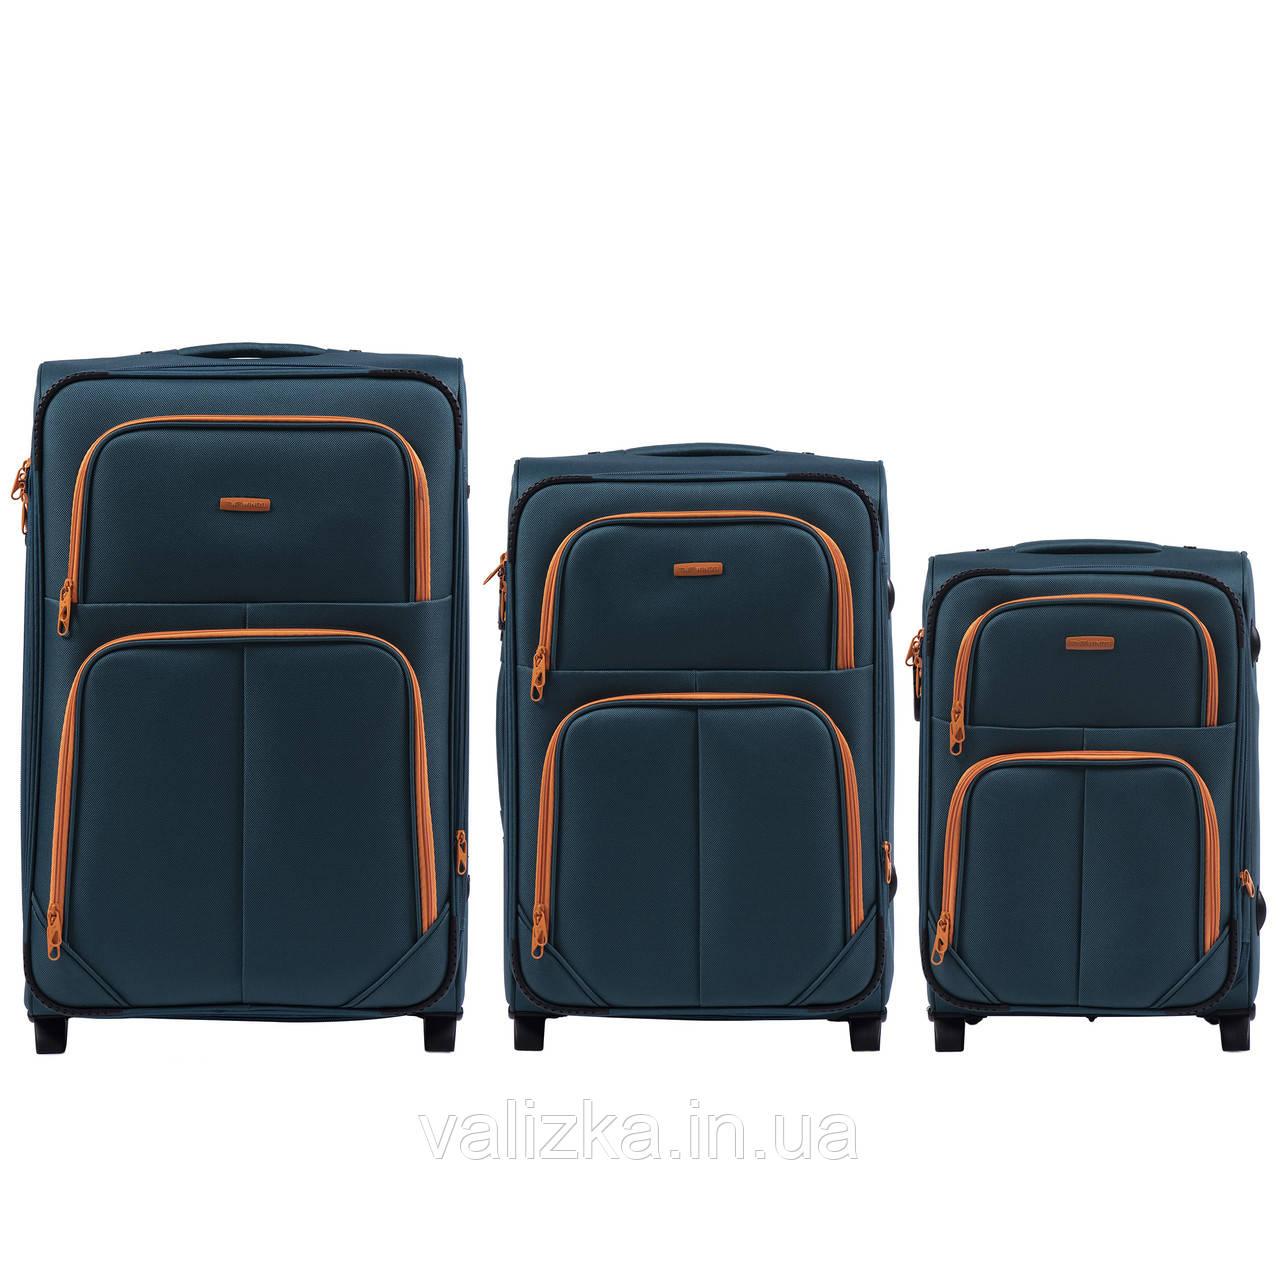 Комплект текстильных чемоданов на 2-х колесах Wings 214  с расширителем, темно-синего цвета